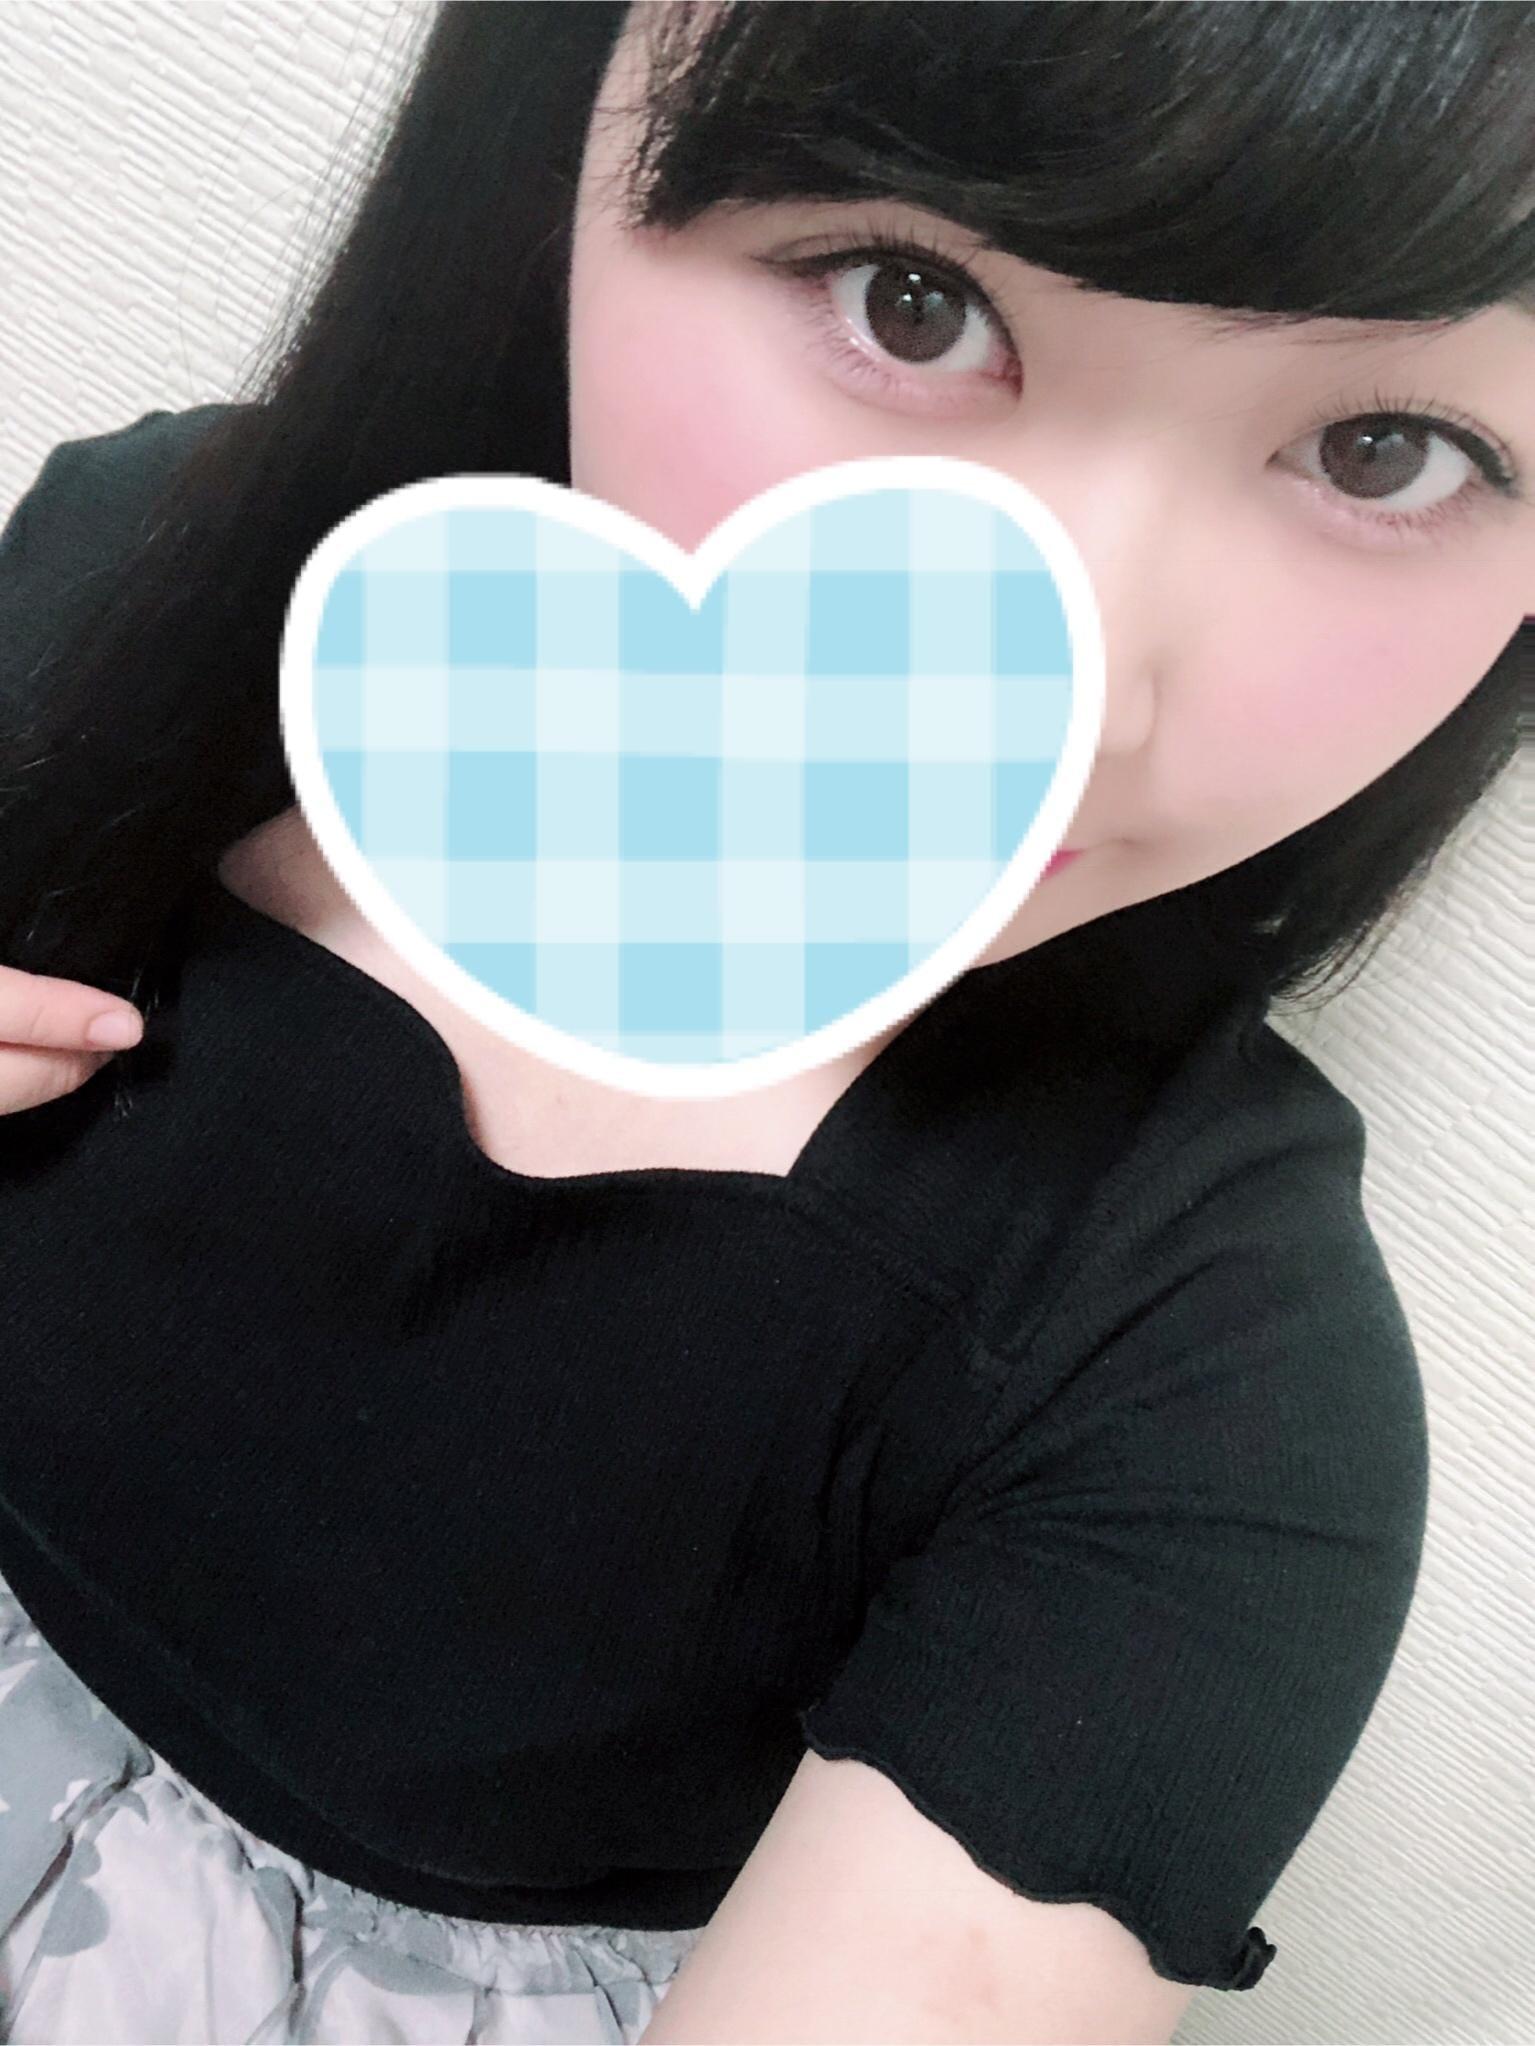 「登校しますっ」08/04(土) 13:24 | 村松さくらの写メ・風俗動画